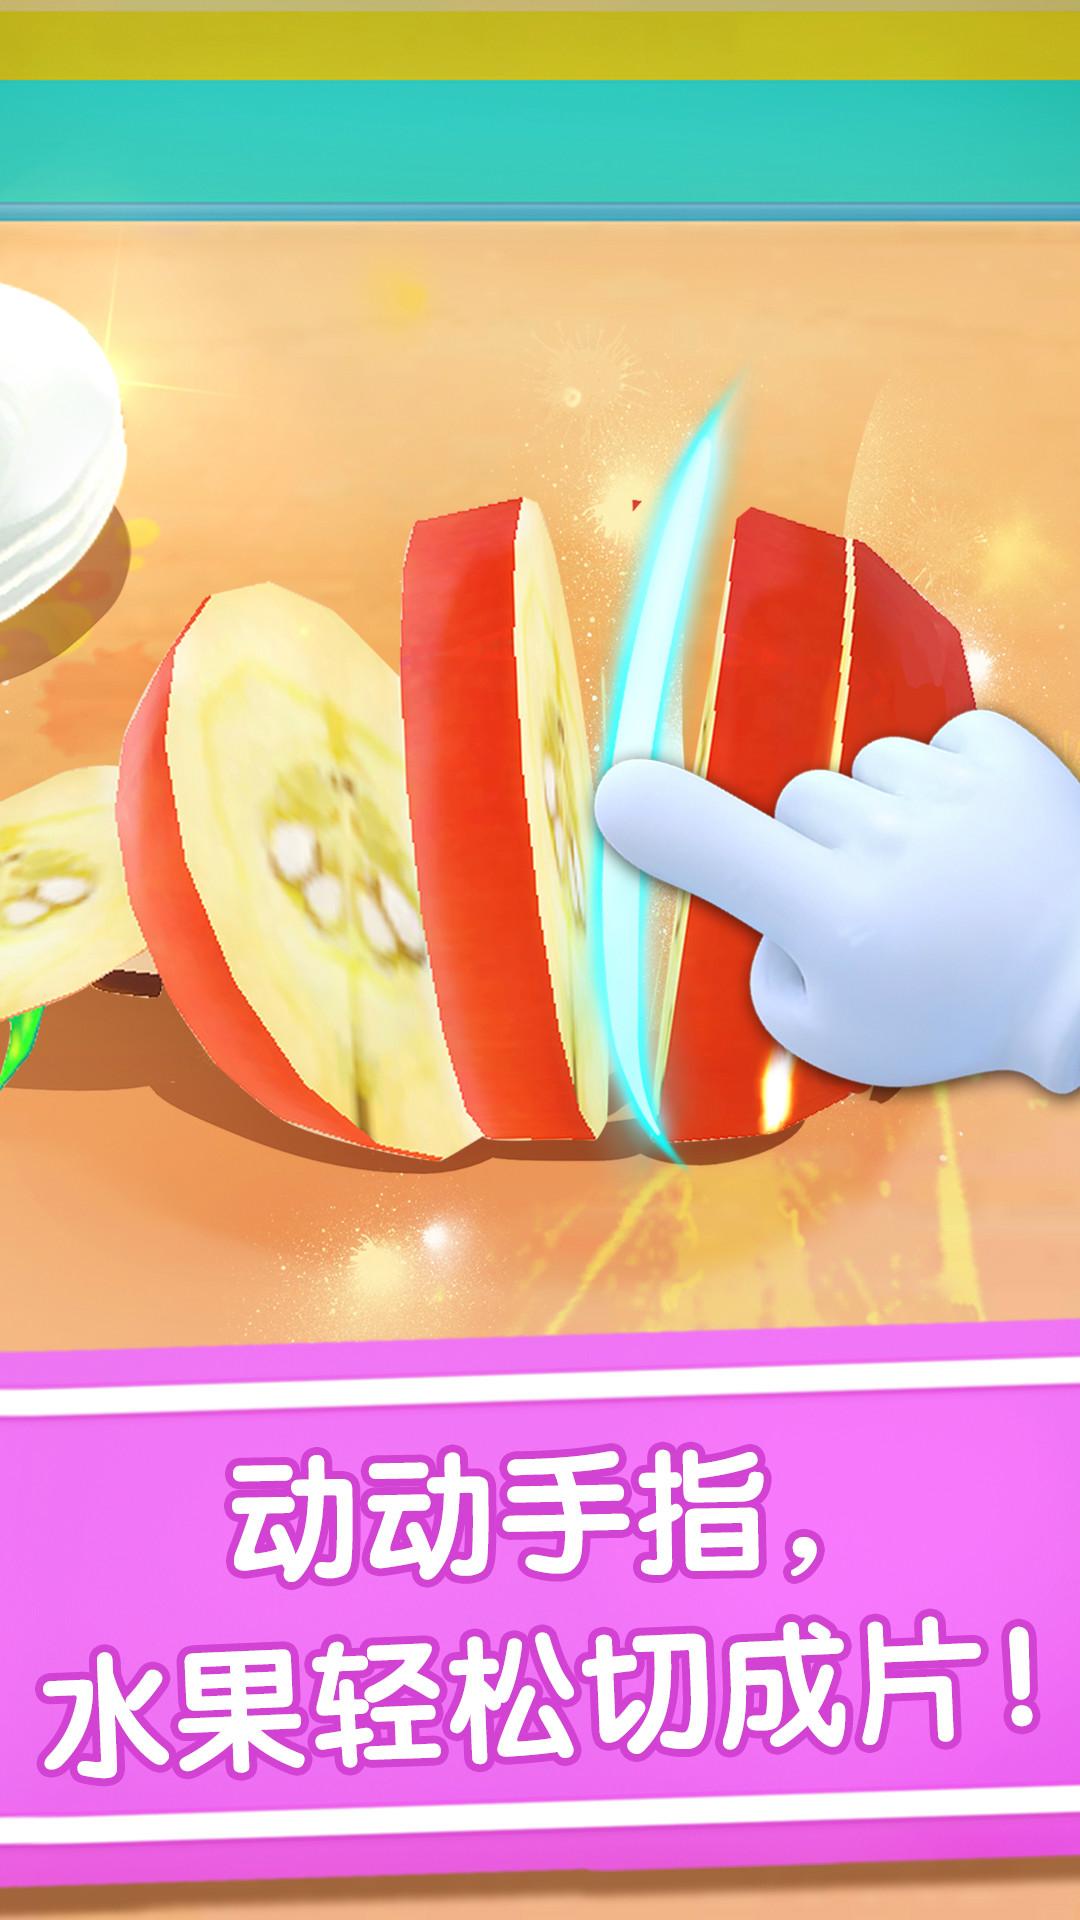 宝宝冰淇淋工厂截图(2)